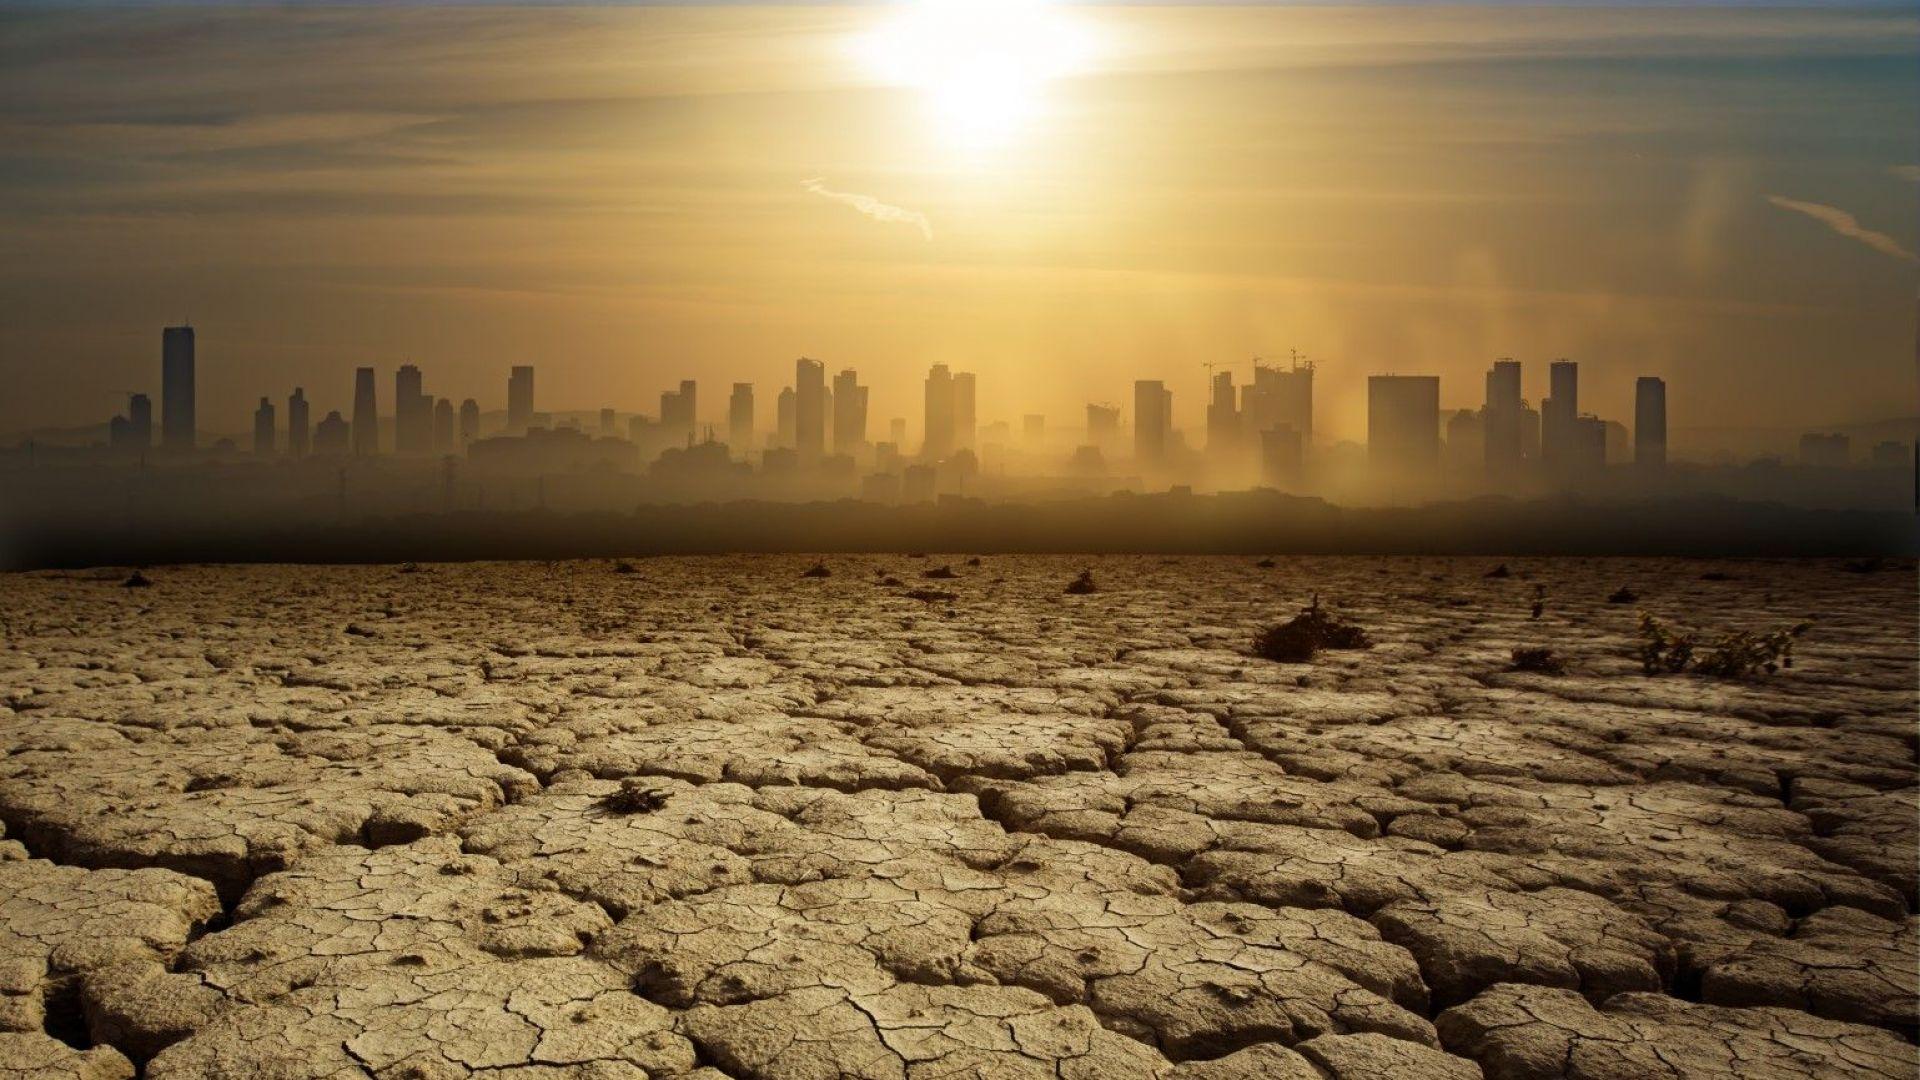 Концентрацията на парниковите газове е достигнала ново рекордно ниво